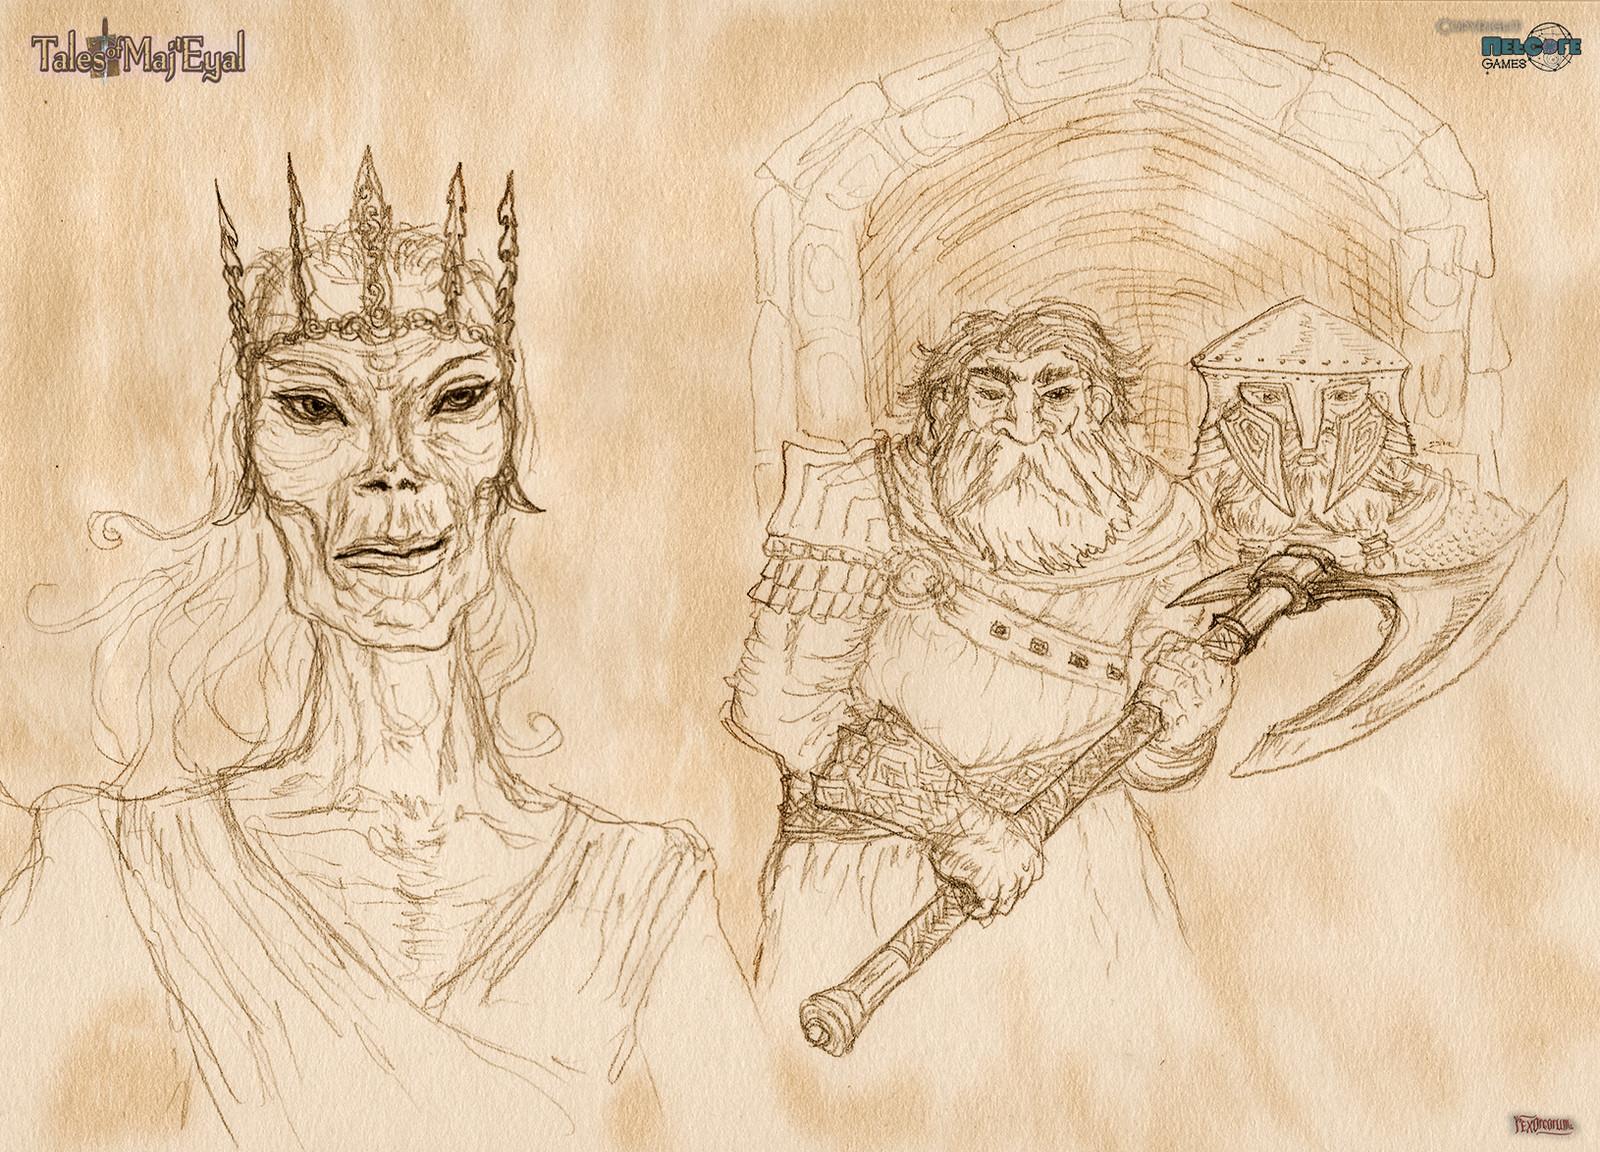 Lich and Dwarf budies